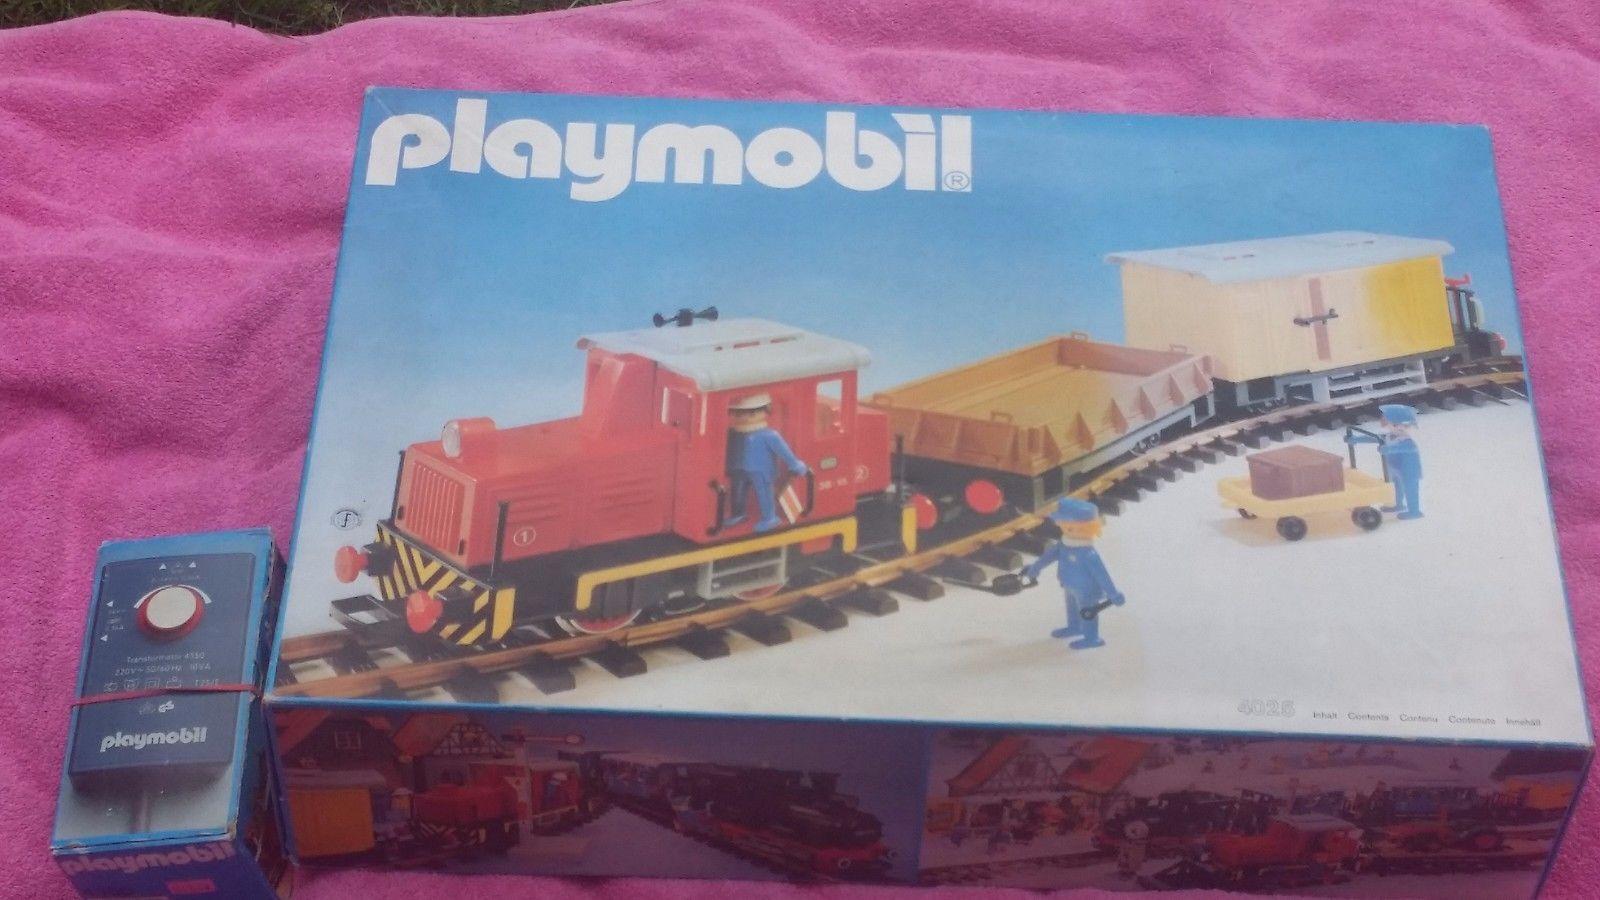 PLAYMOBIL® 4025 scatola  TRAIN WAGON VOYAGEUR RAIL RC LGB Accessoire Gare   3  LOT 1E  molto popolare